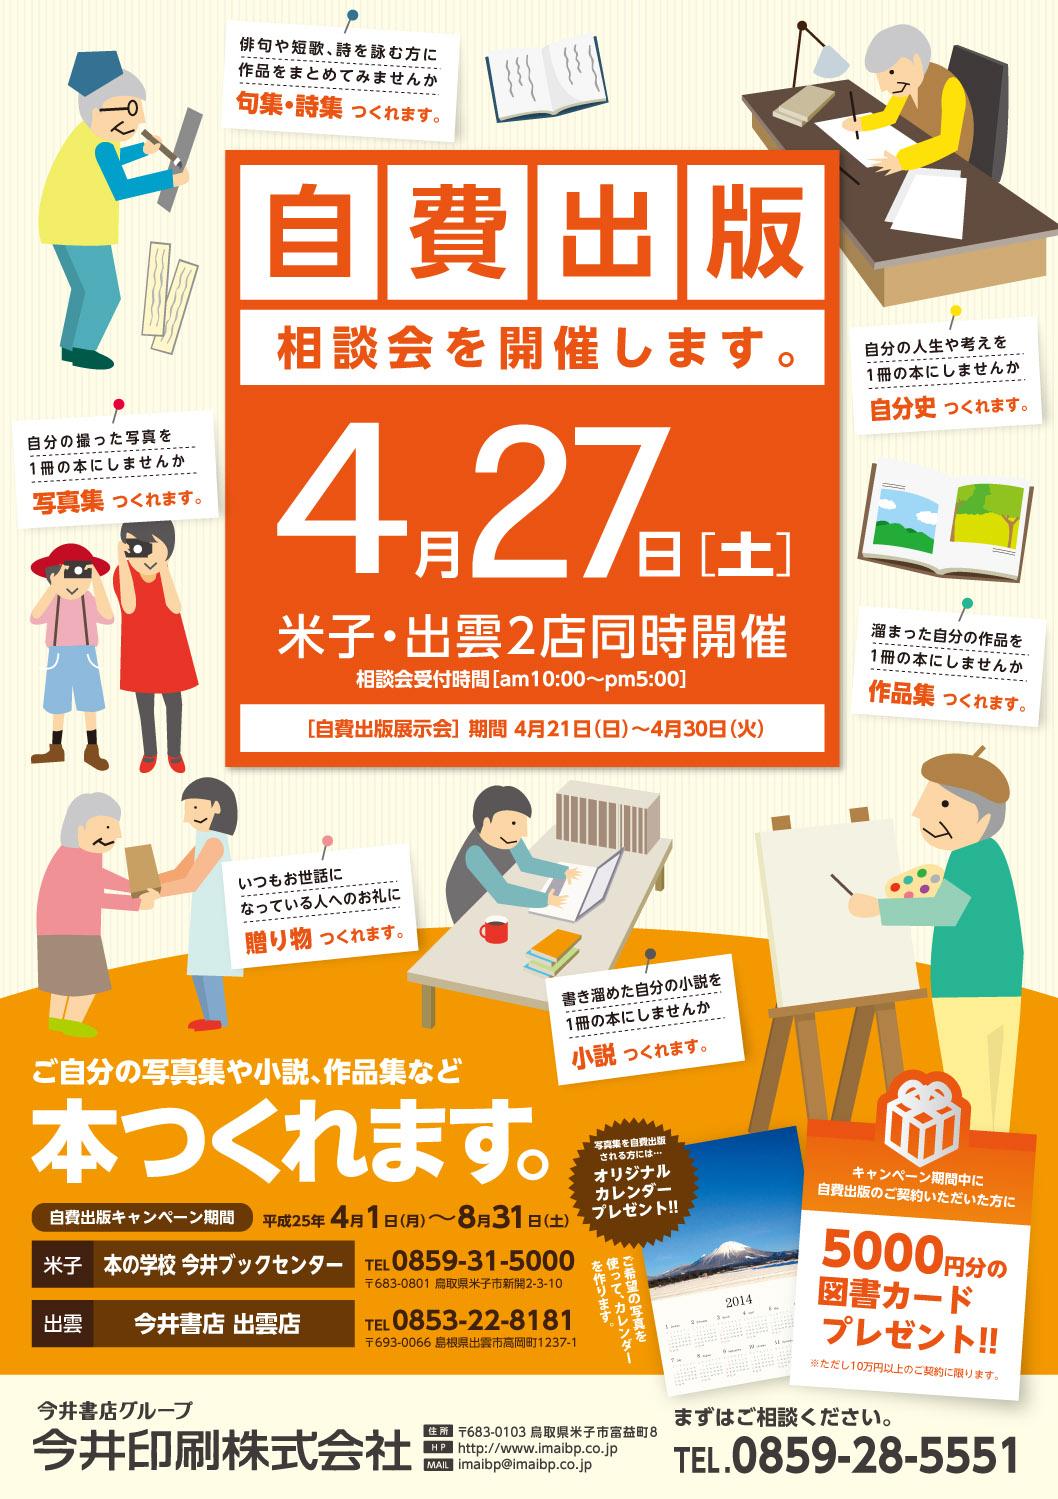 今井印刷からのお知らせ: 自費出...